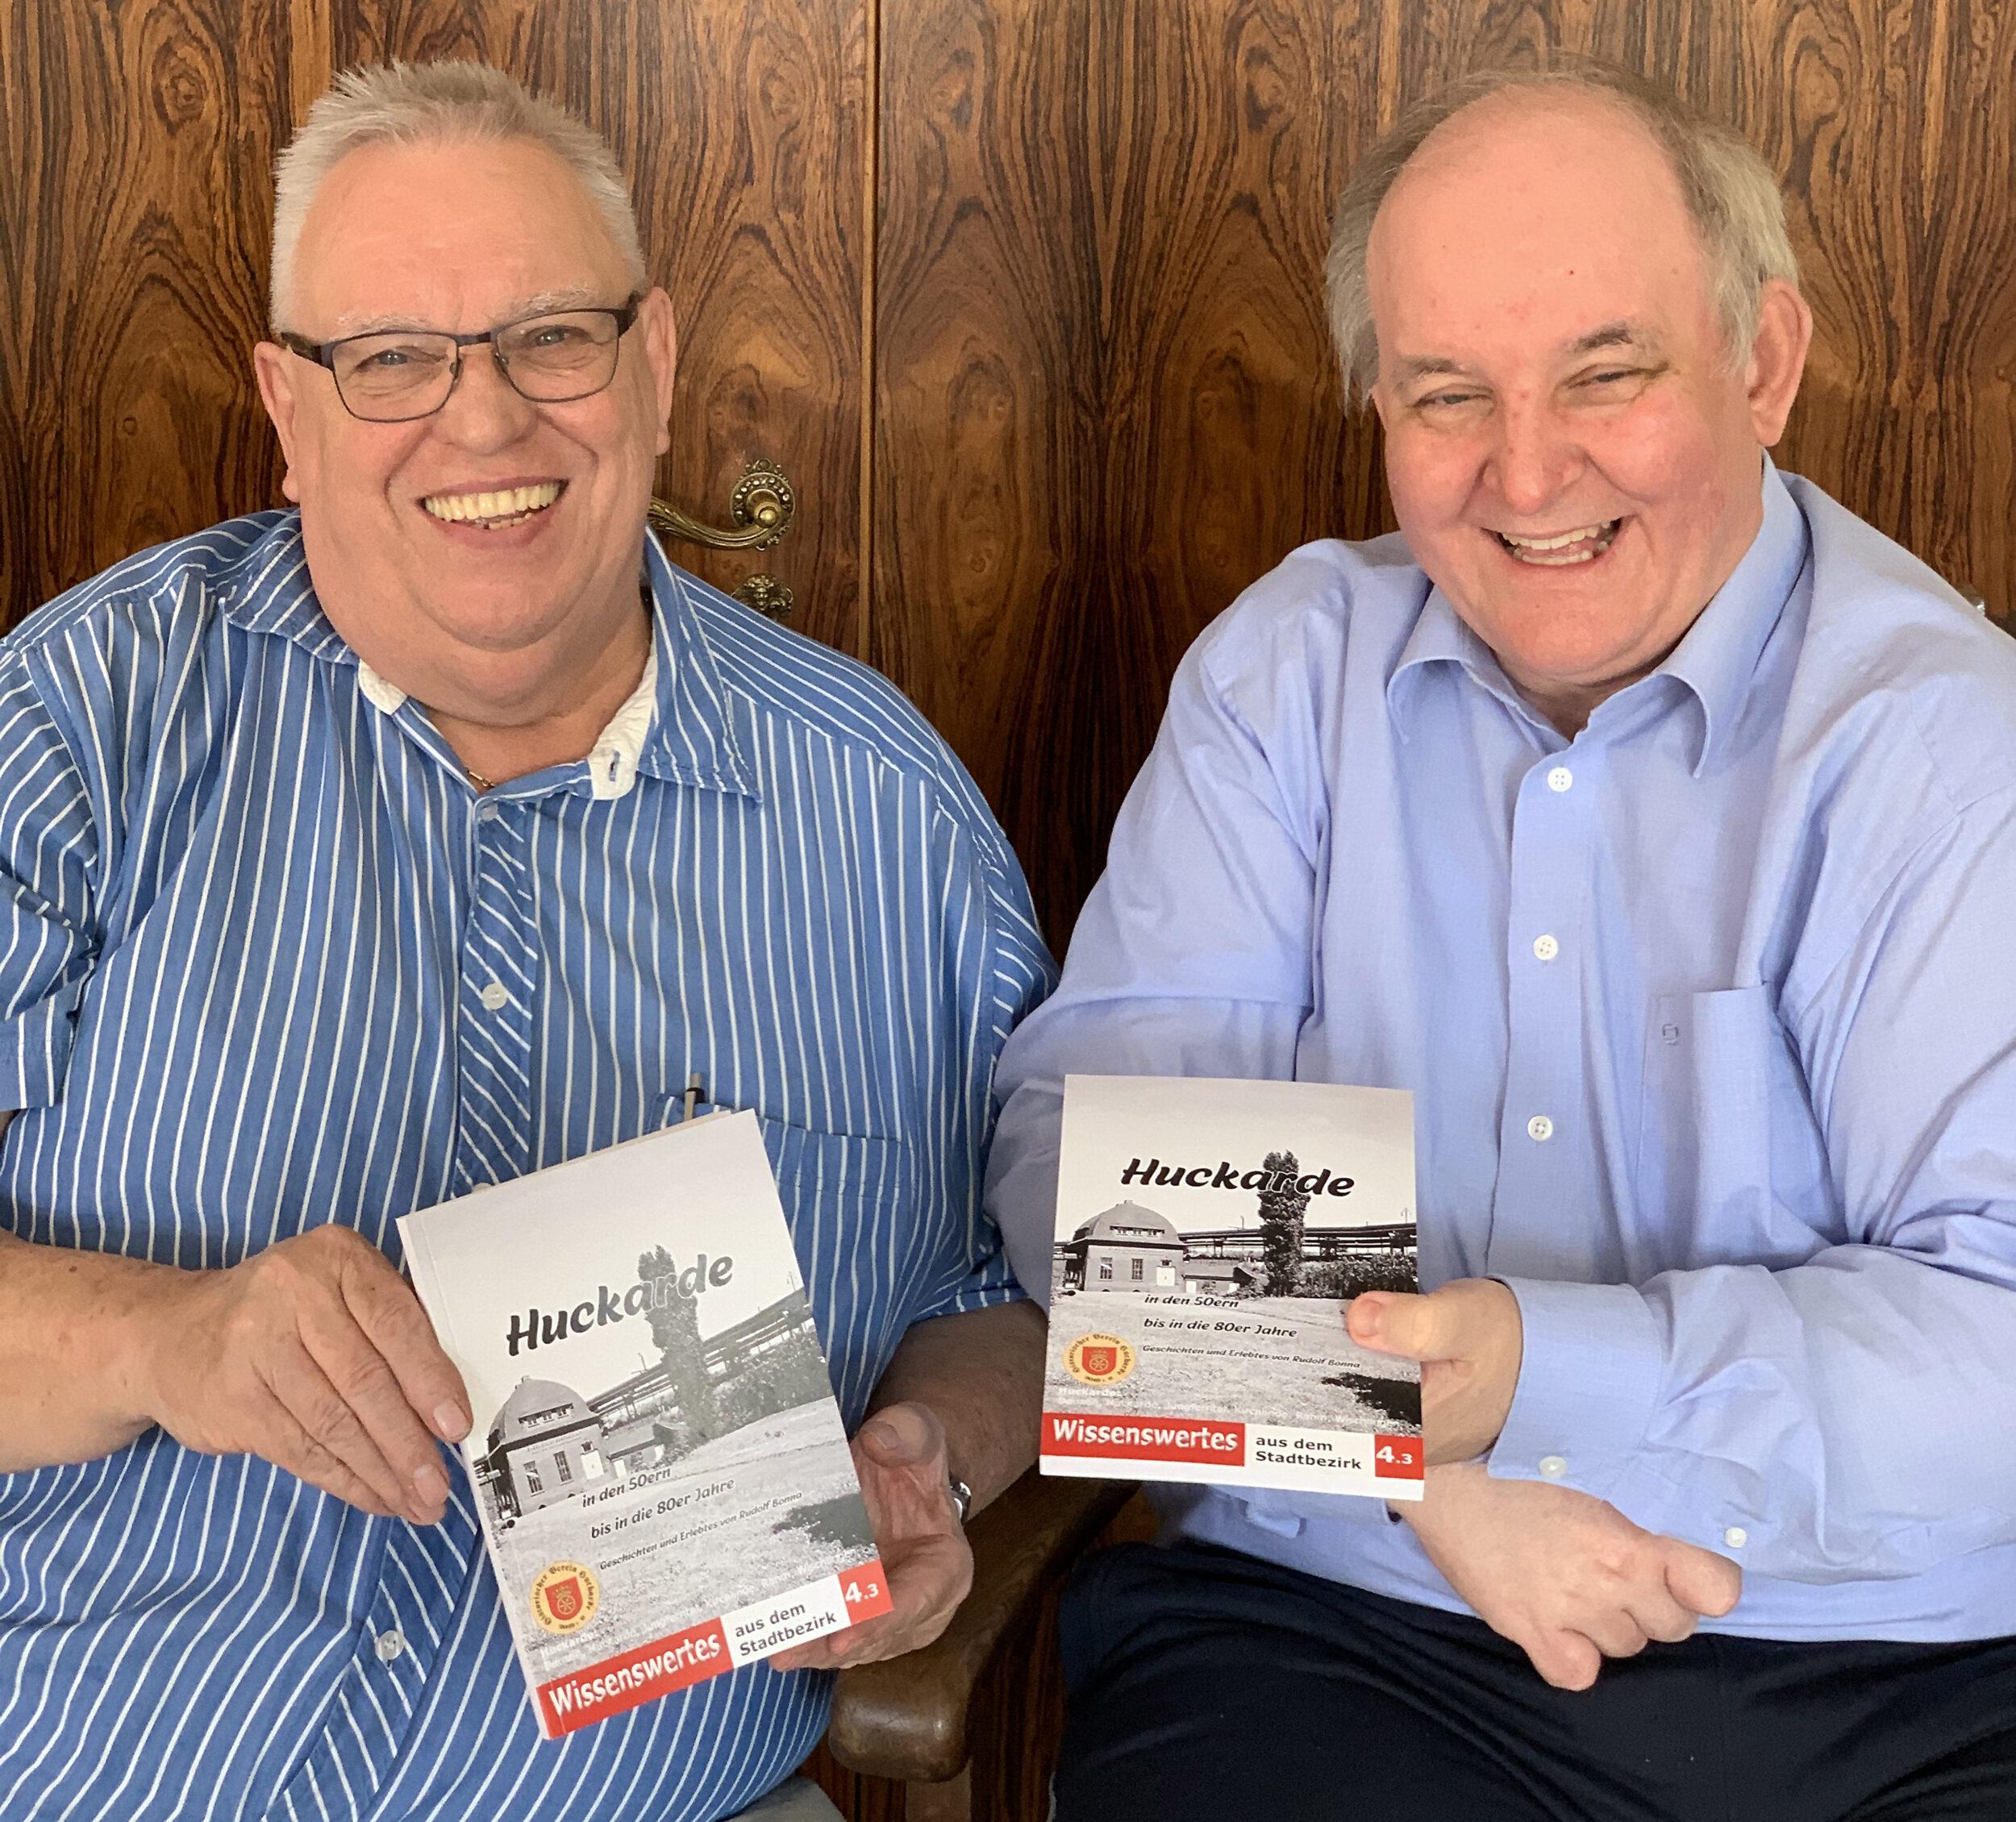 Dieter Eichmann und Dr. Günter Spranke freuen sich über den Abschluss der Bonna-Trilogie mit dem dritten und stärksten, reich bebilderten Band.  (Foto: HVH)